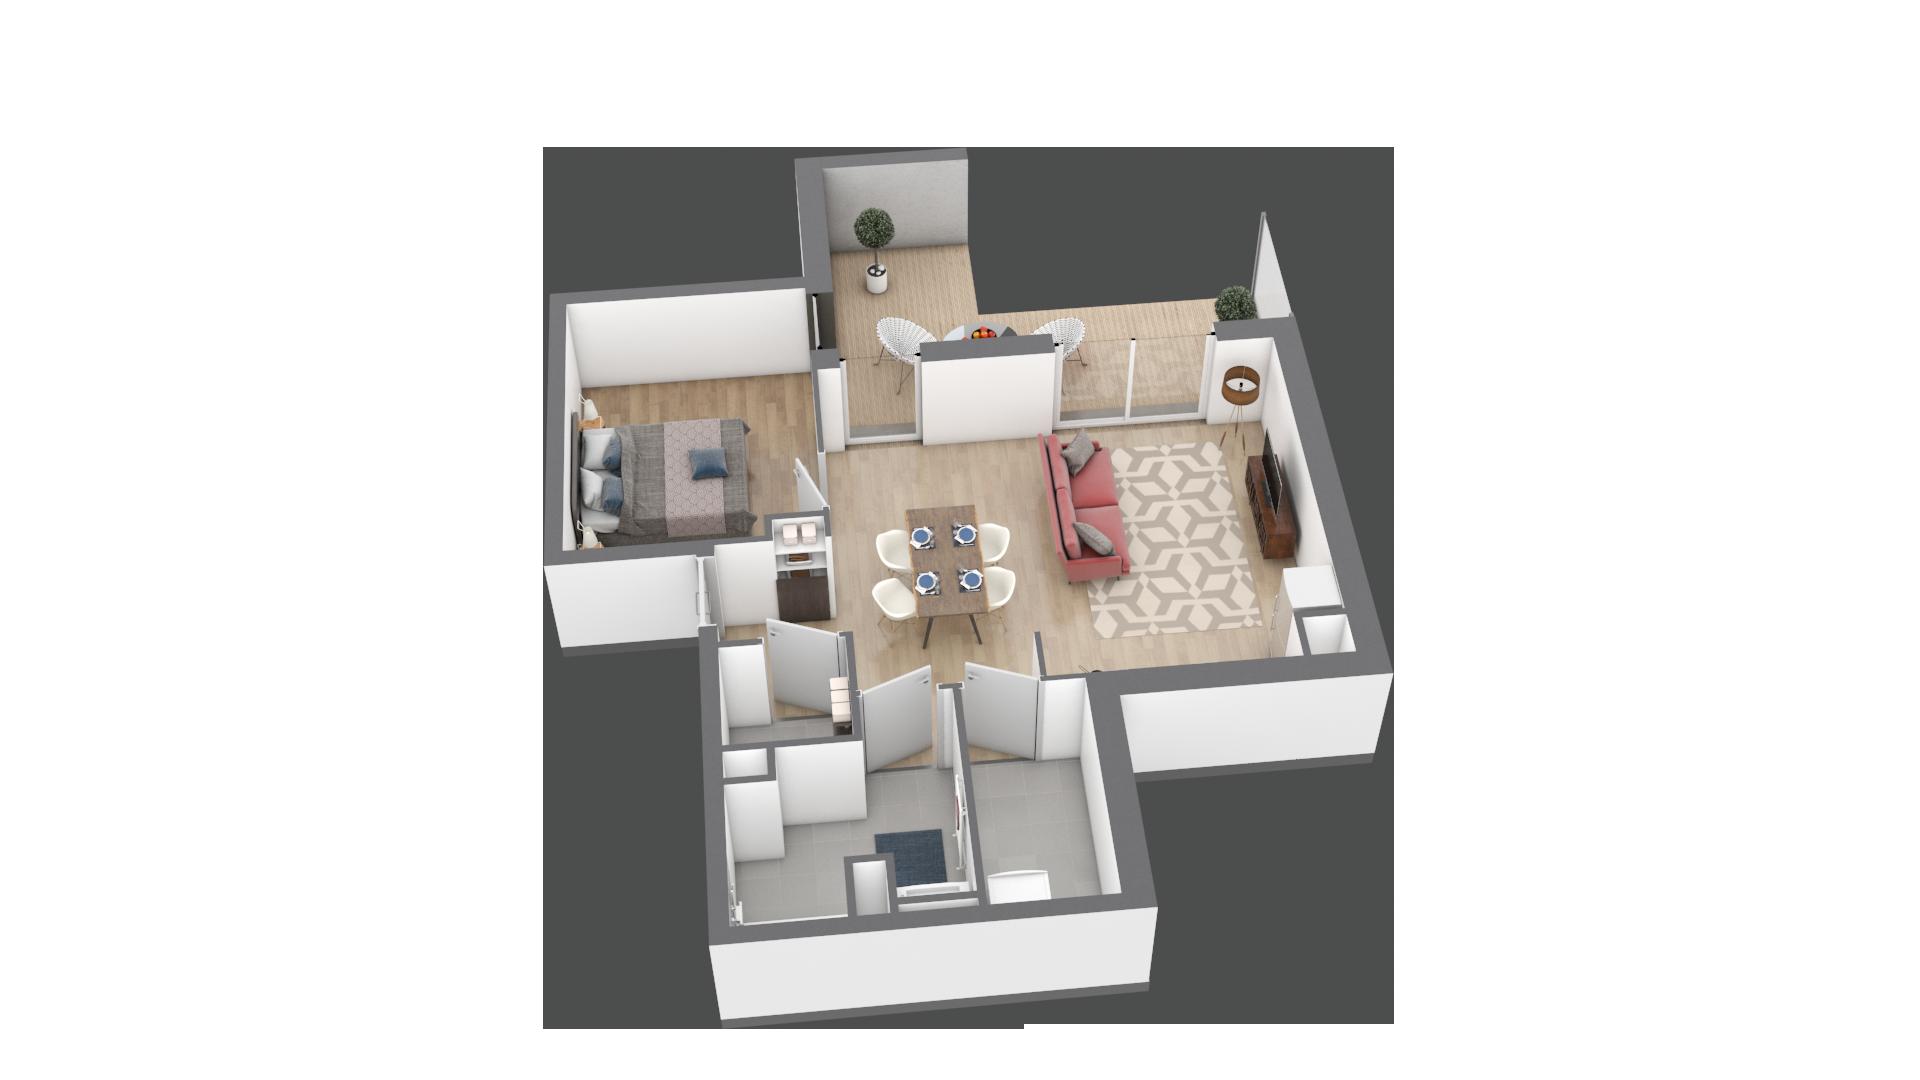 appartement A003 de type T2